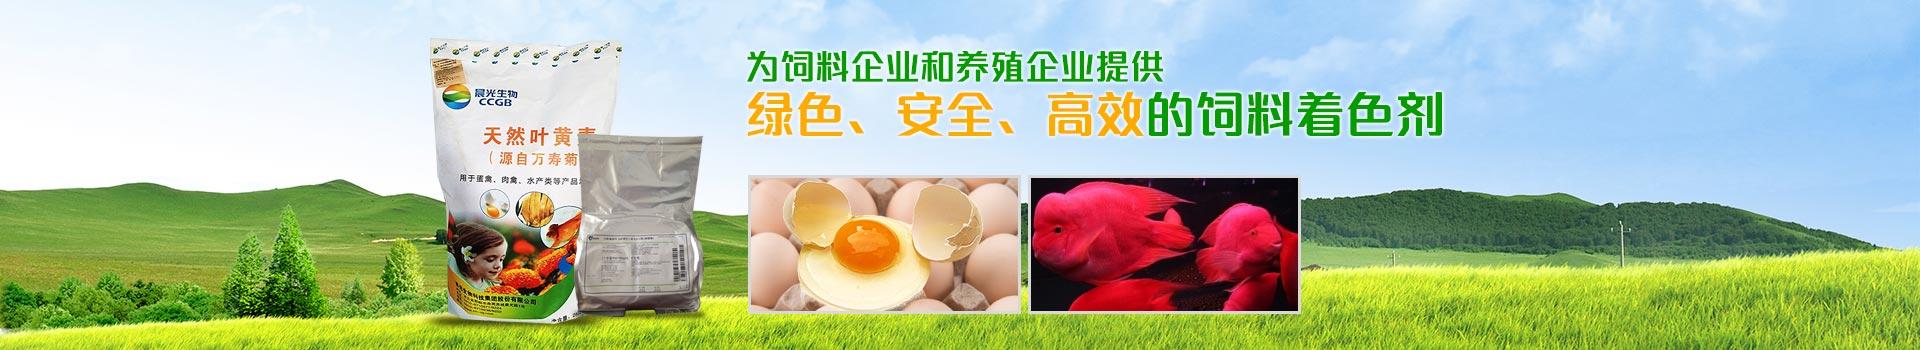 中农牧扬为饲料企业和养殖企业提供,绿色、安全、高效的饲料着色剂